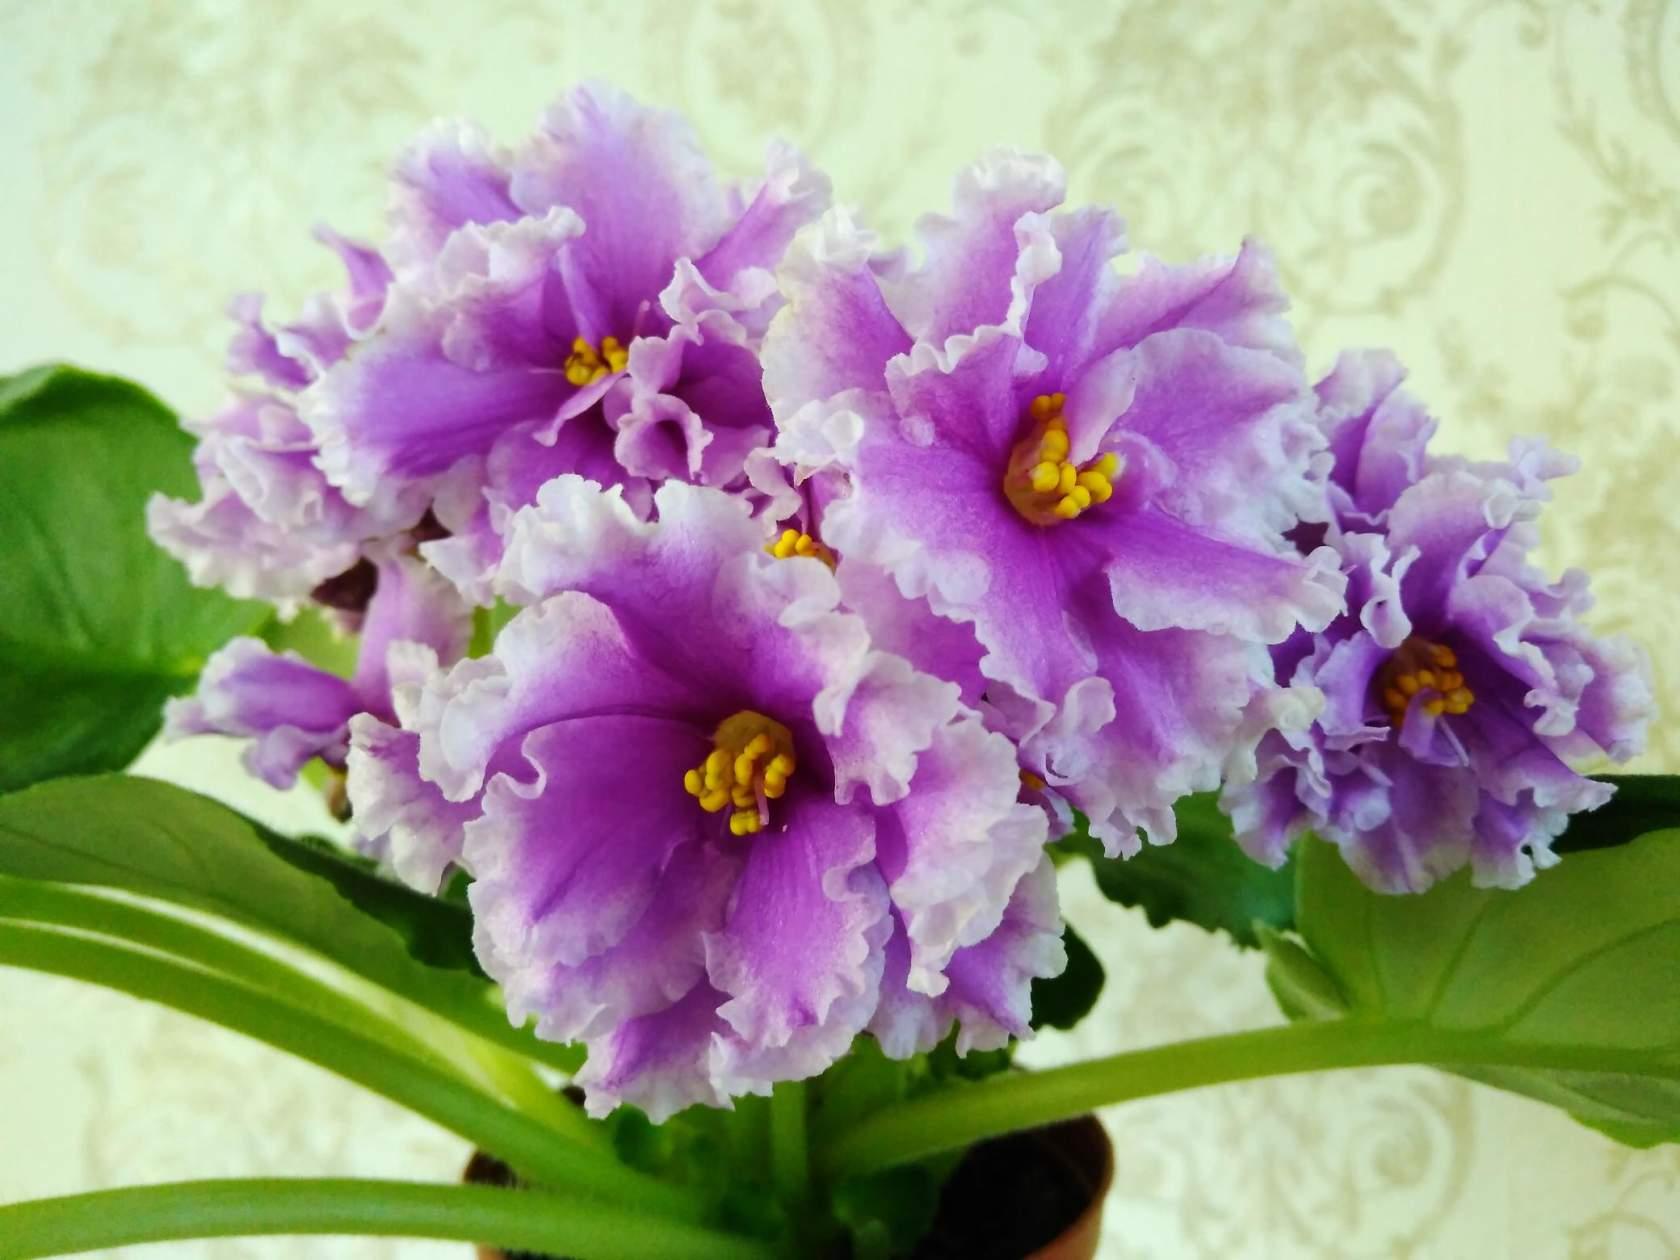 фото цветка гладиолуса и его луковиц